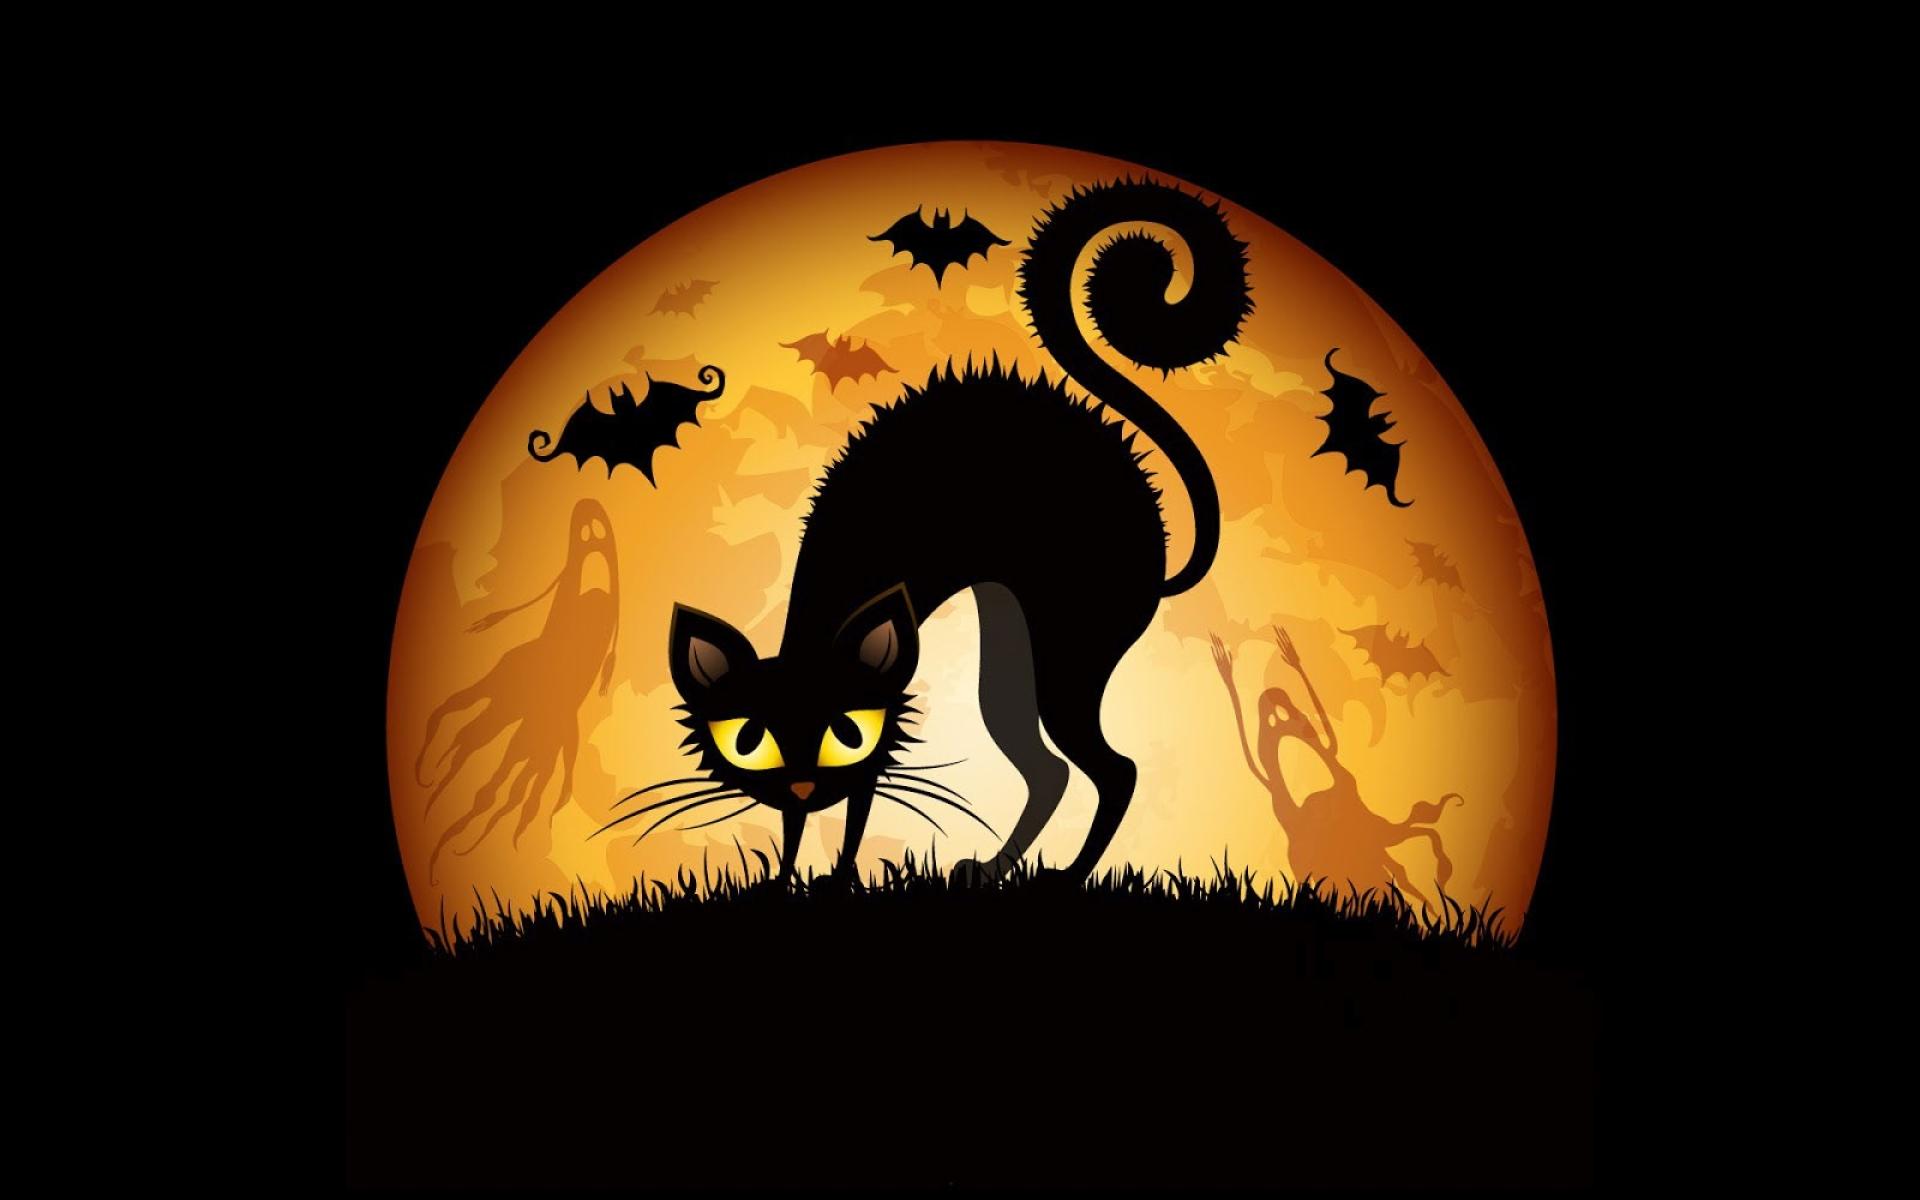 download wallpaper: Halloween kat wallpaper